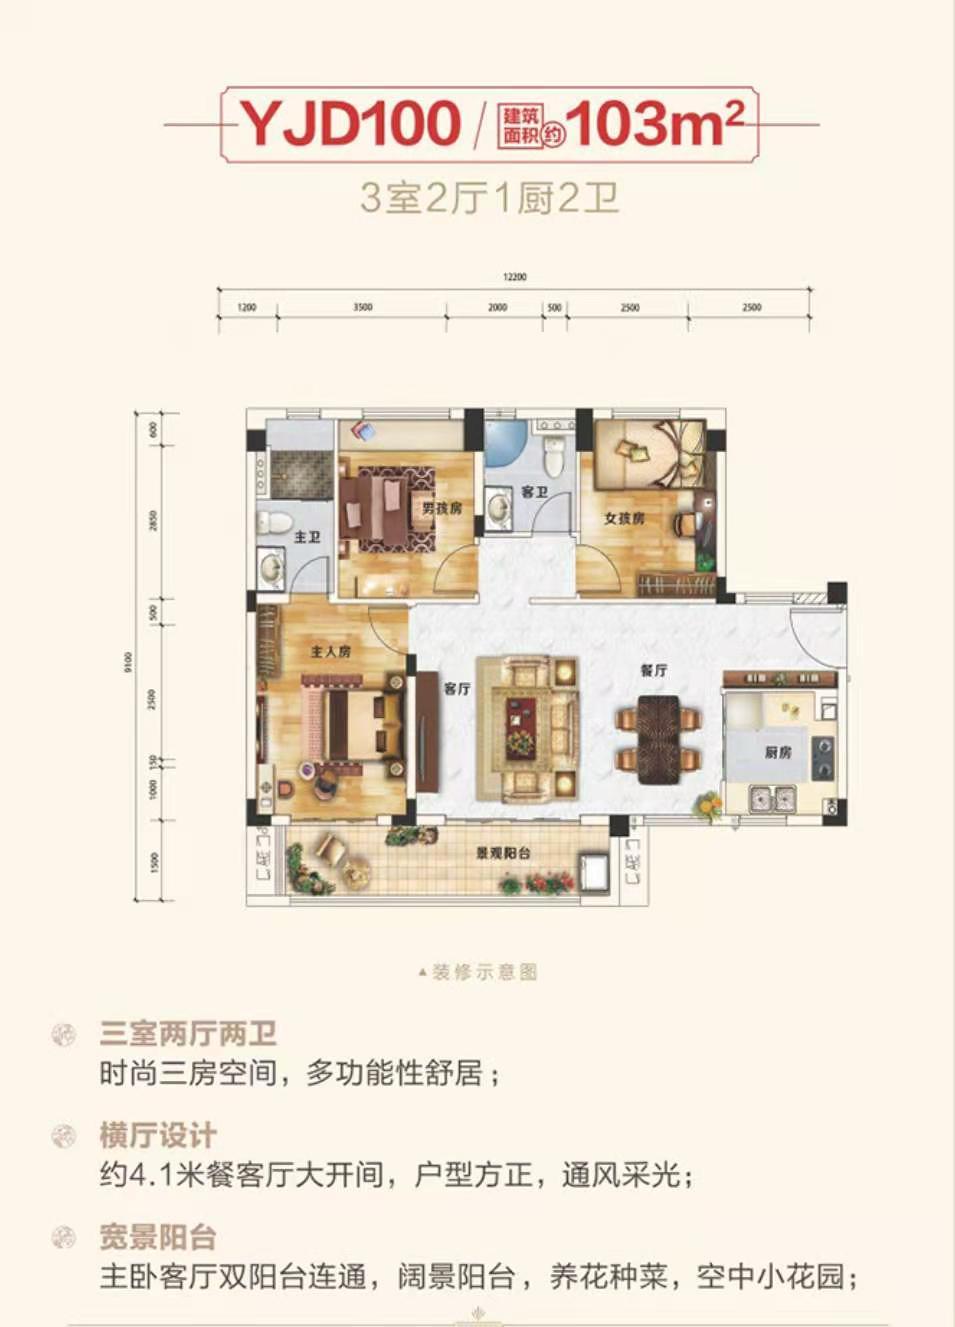 贵阳碧桂园大学印象建筑面积约68-143㎡学校美宅在售-中国网地产